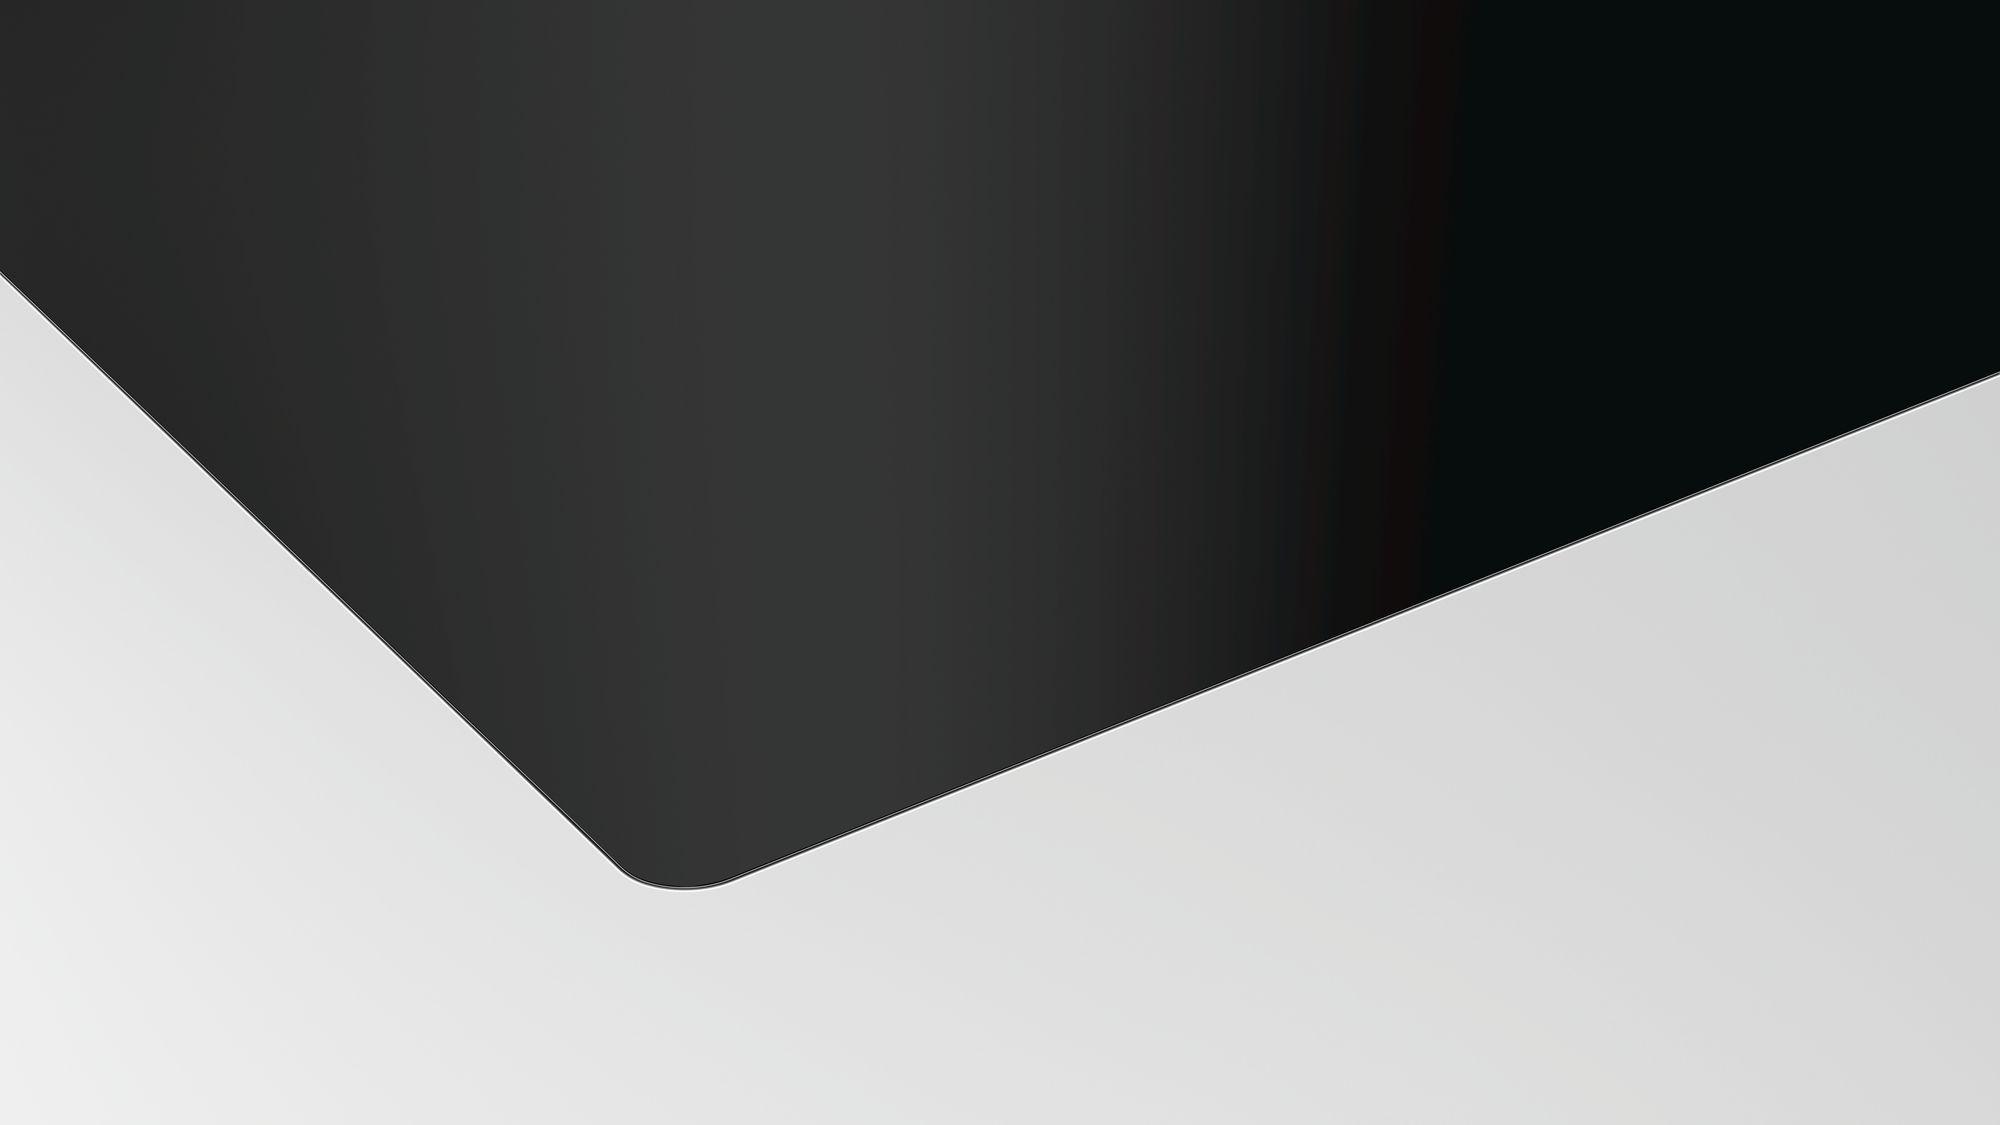 Piano Induzione Neff Flexinduction neff t58pt20x0 piano di cottura flexinduction